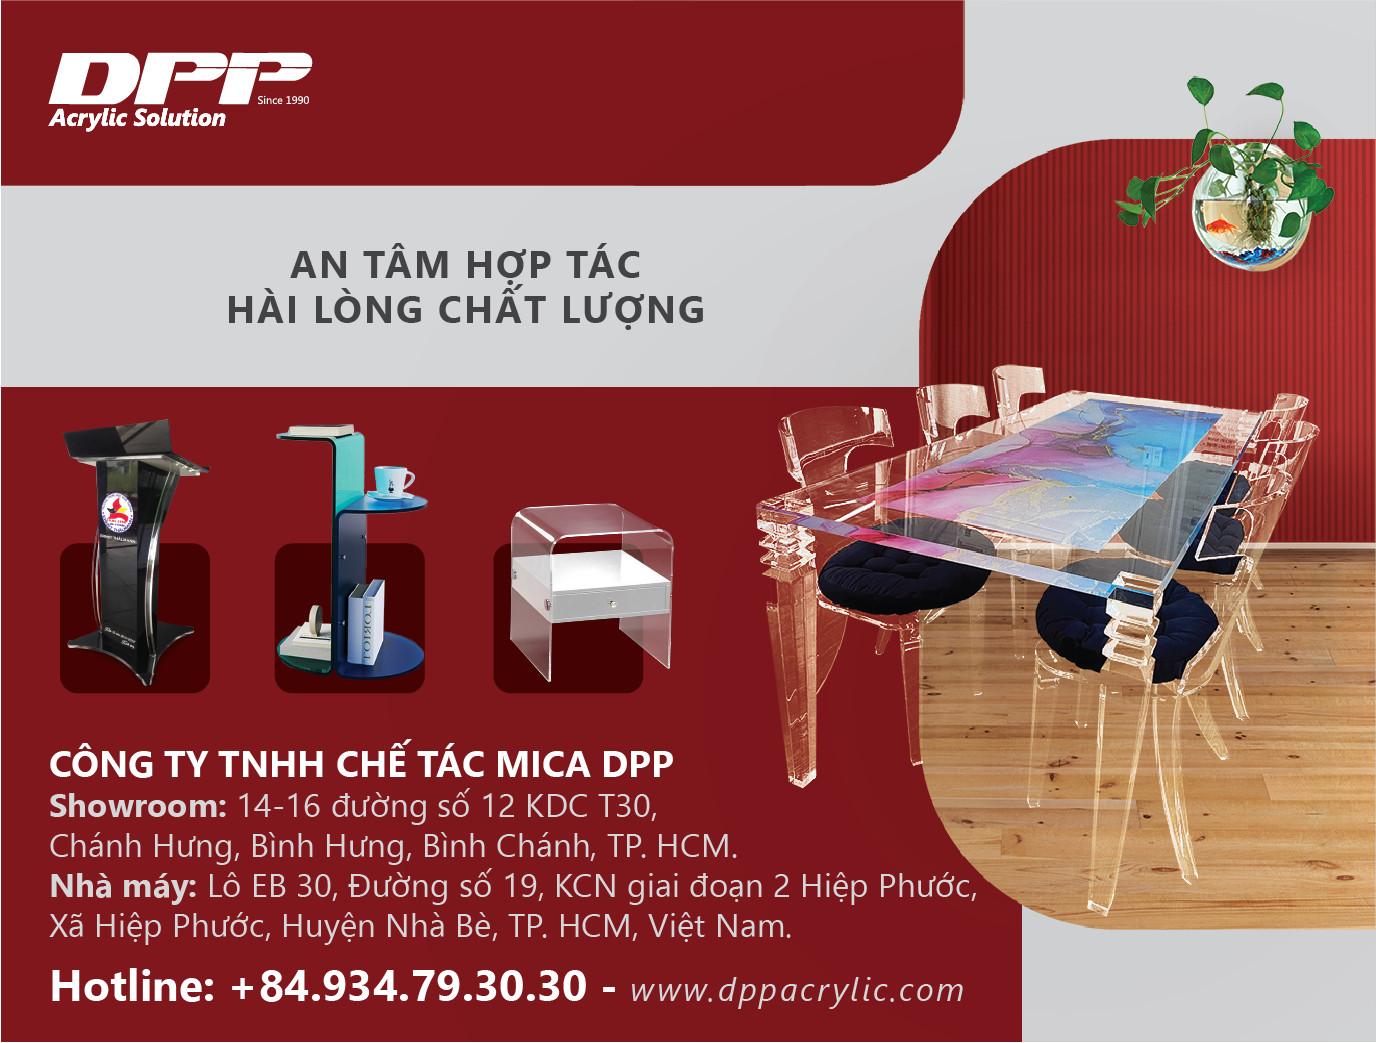 Công Ty TNHH Chế Tác Mica DPP